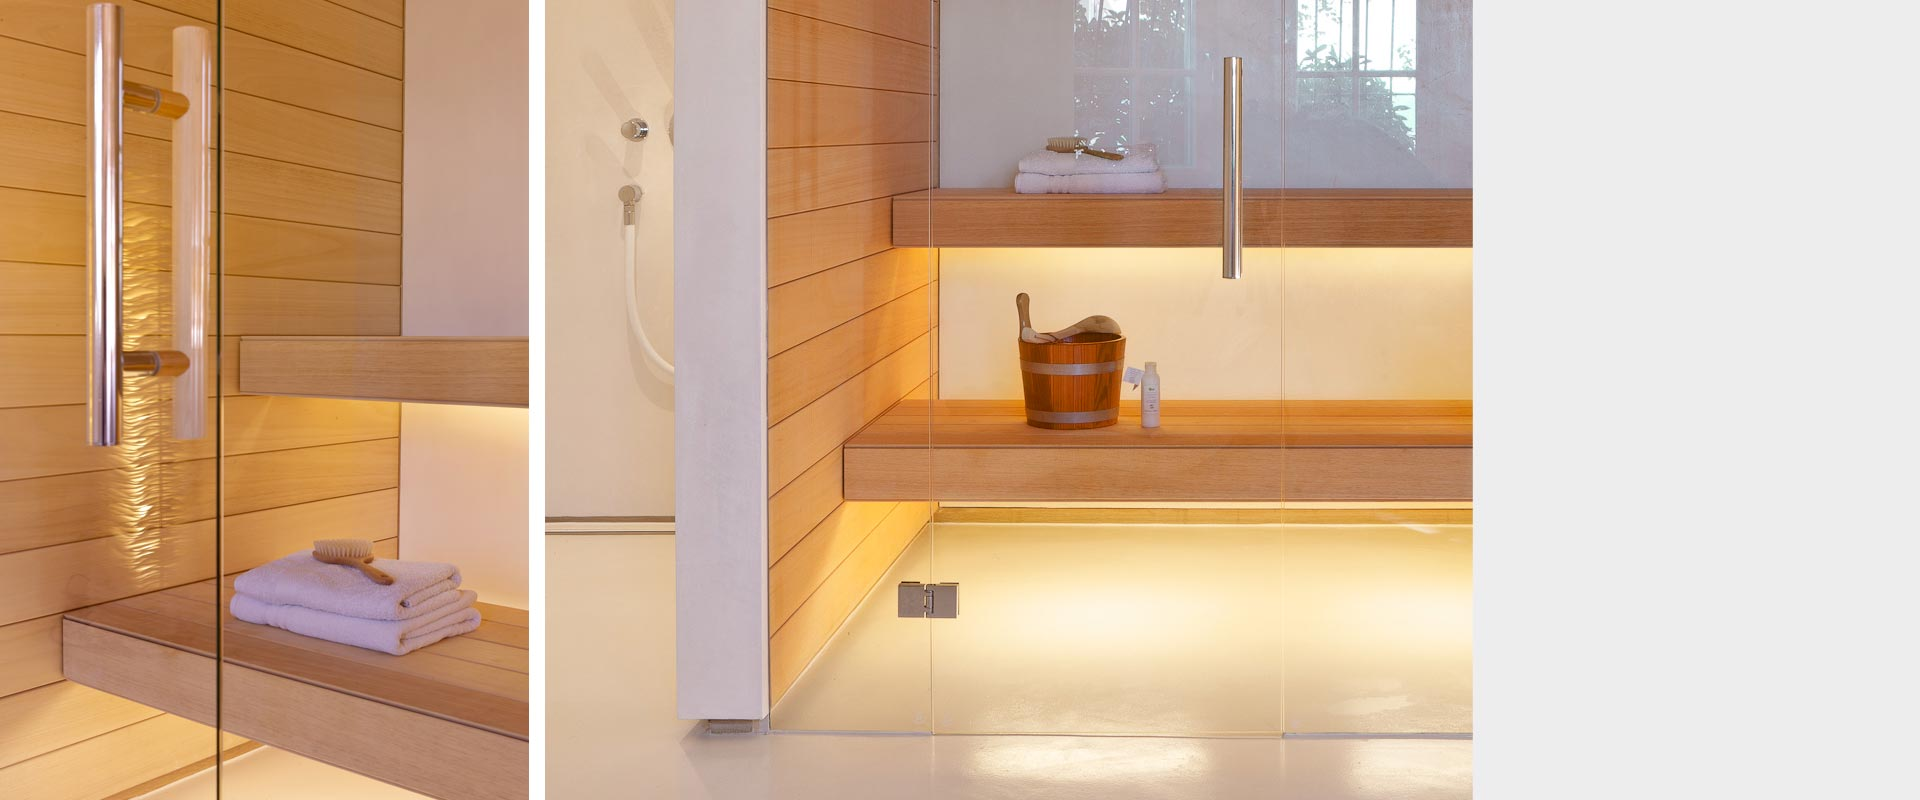 architekturbuero_henning_musahl_waldshut_sauna032